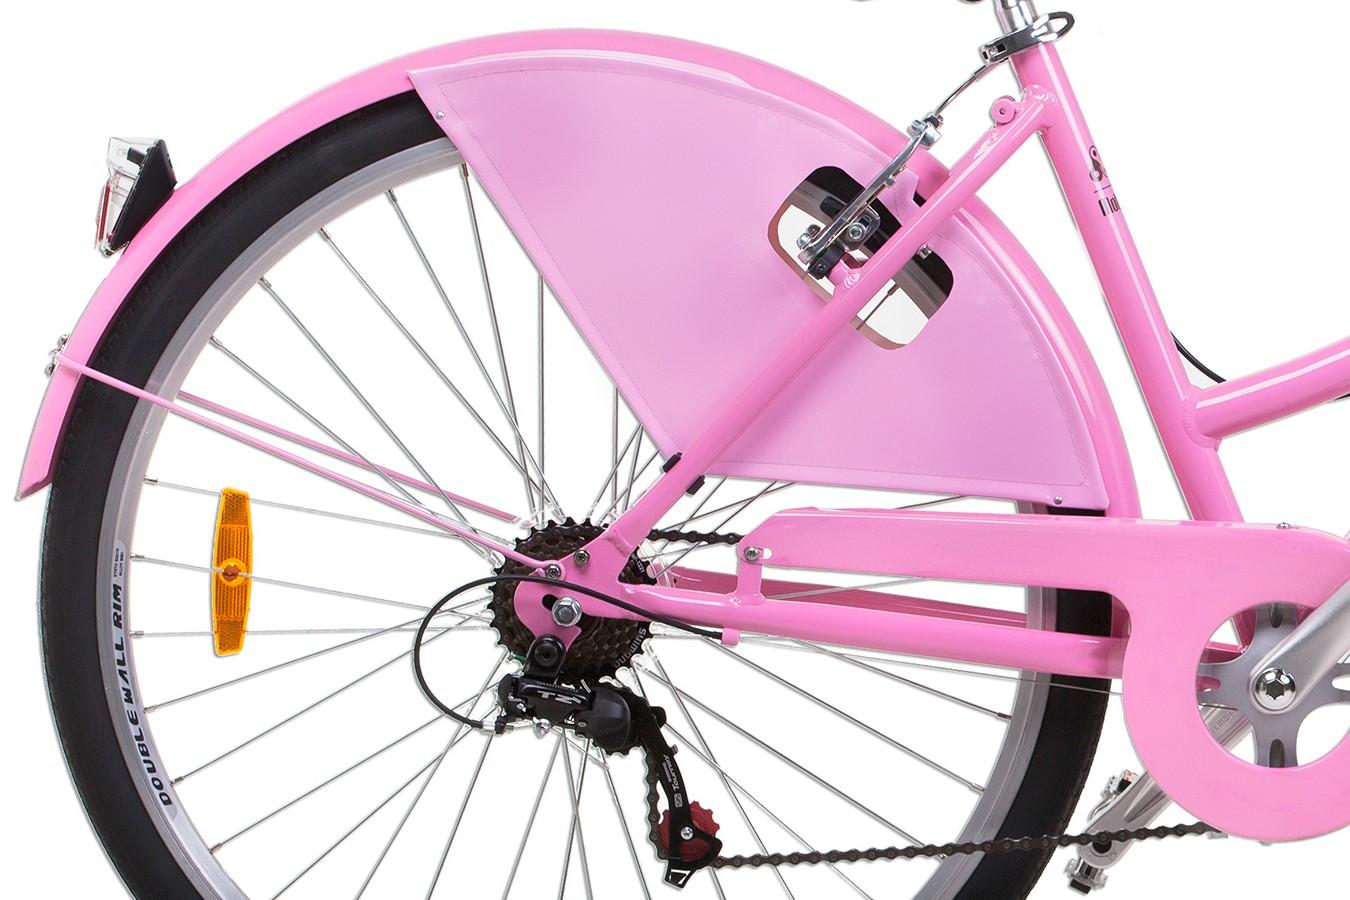 Bicicleta 28 Oma Bege 7V - Mobele